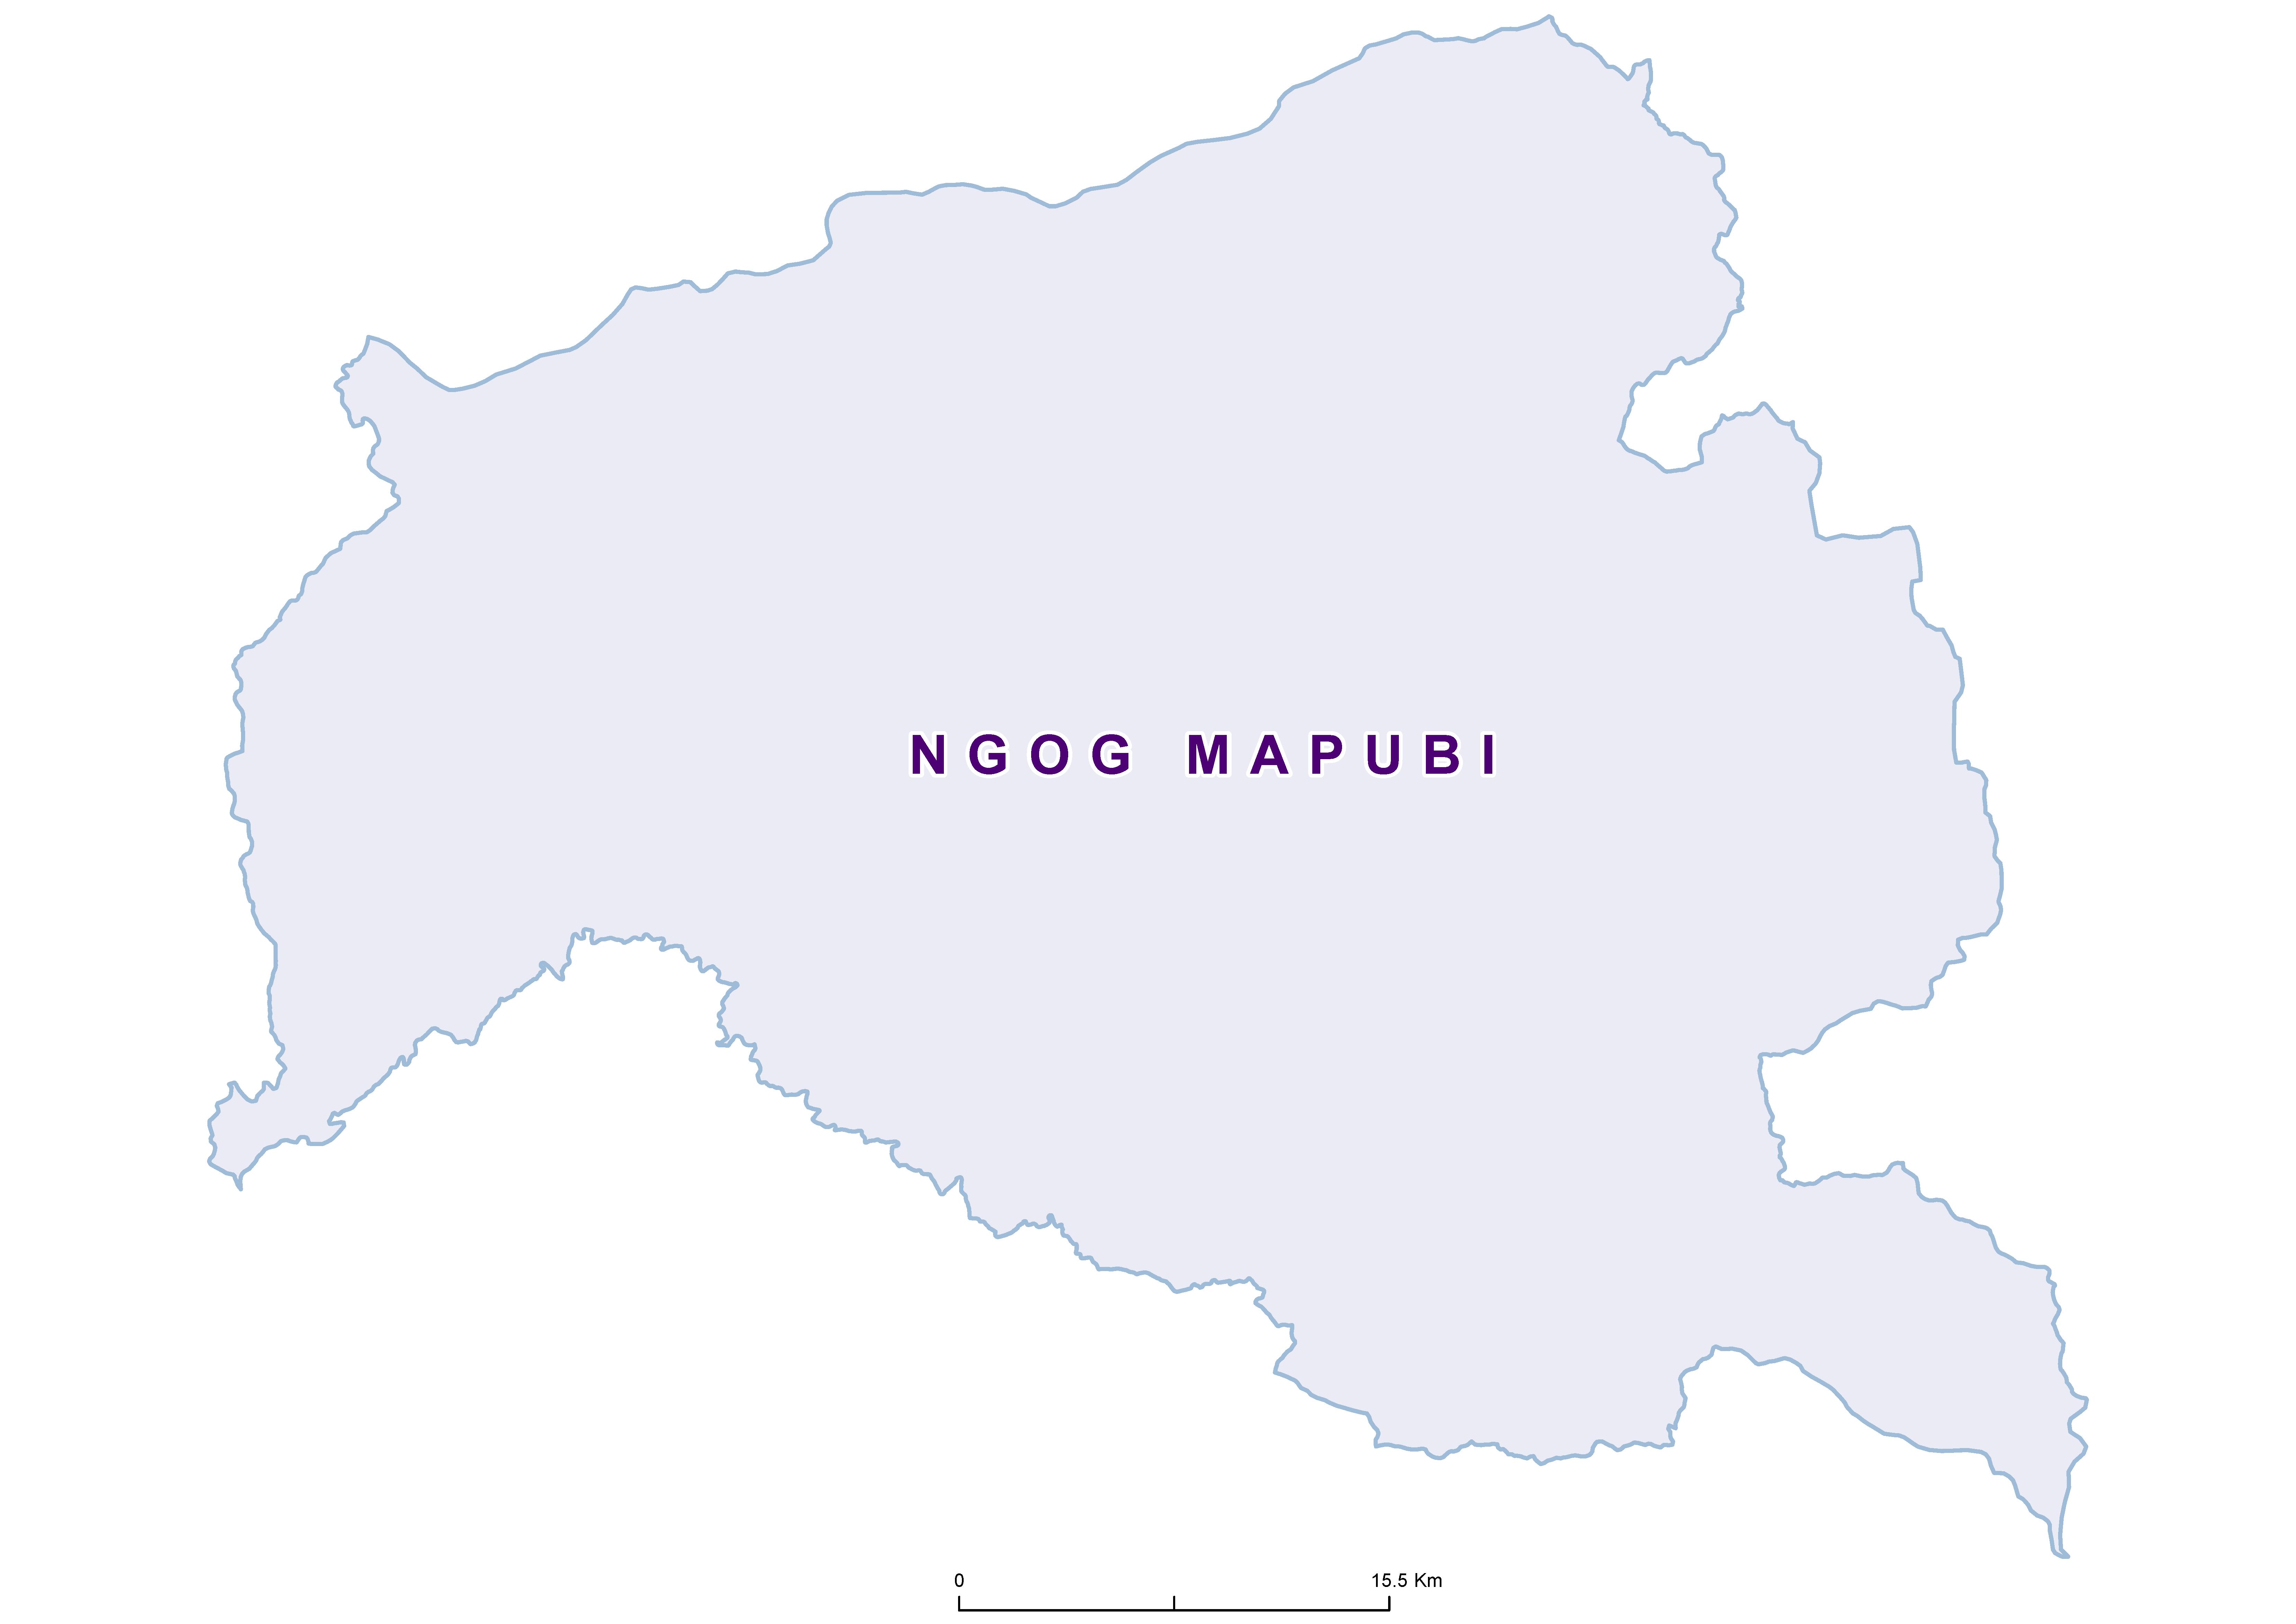 Ngog mapubi Mean SCH 20180001